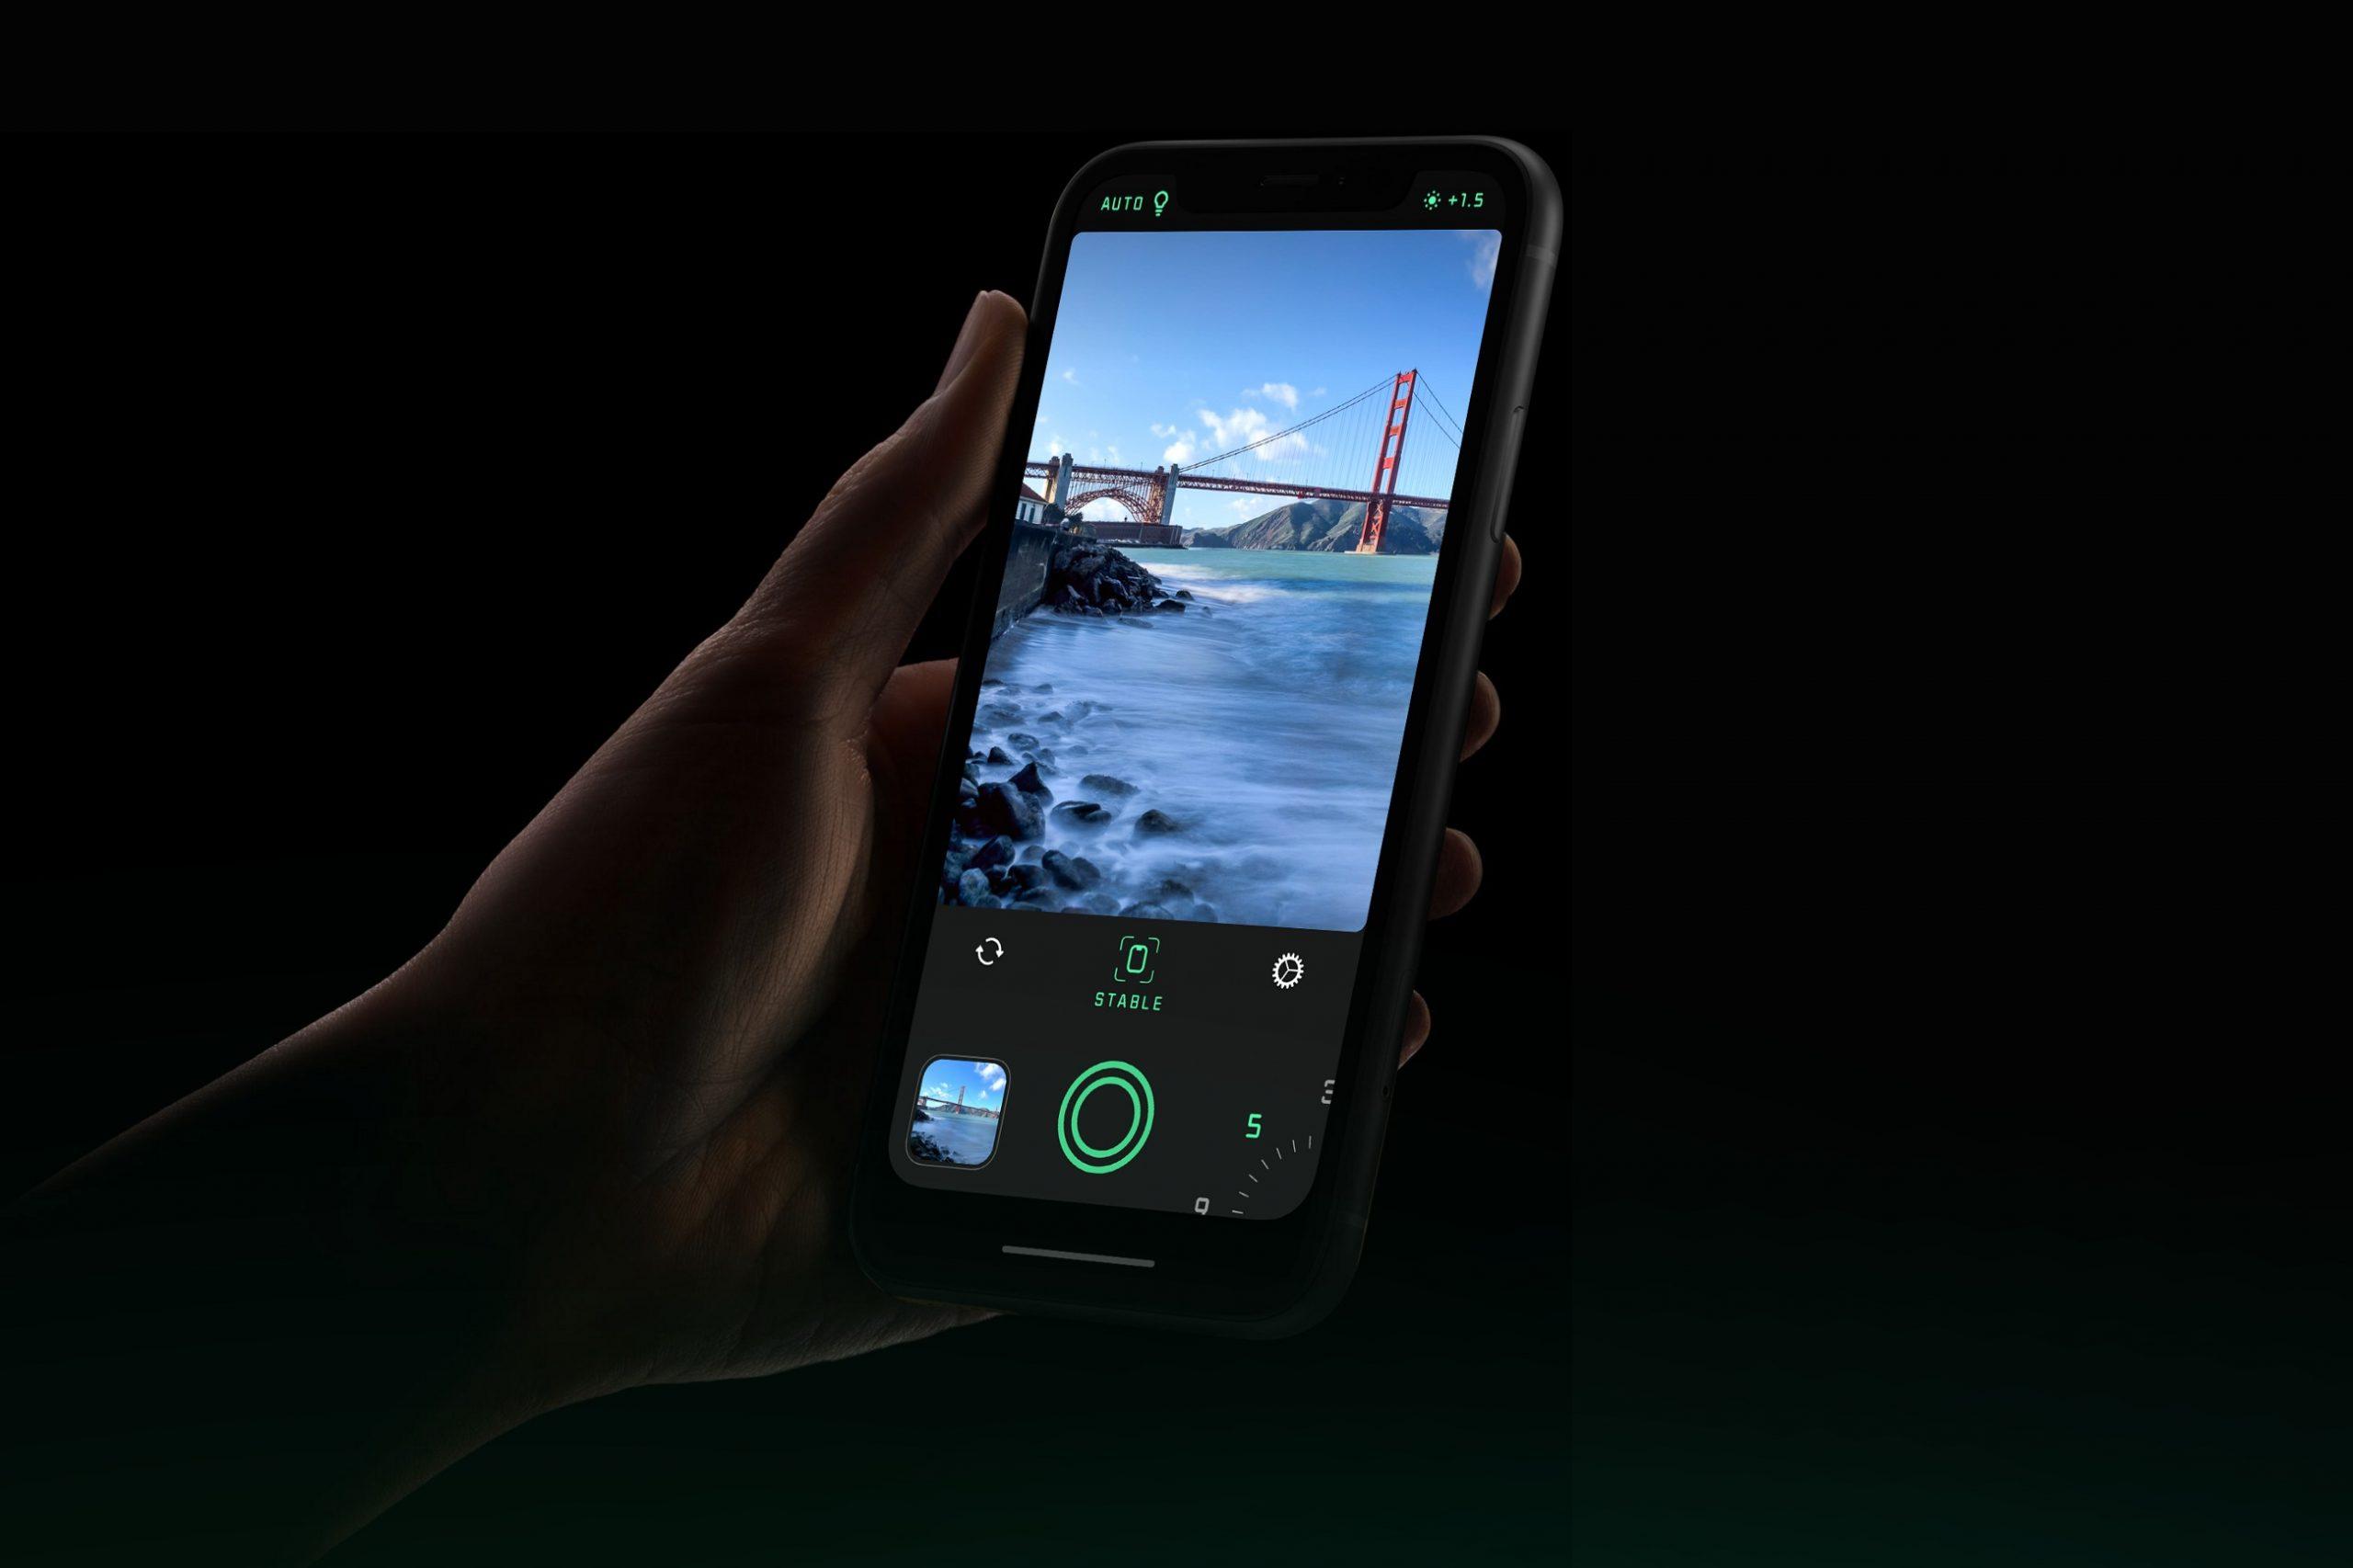 Halide ekoizlearen kamera aplikazio berria: Spectre Camera